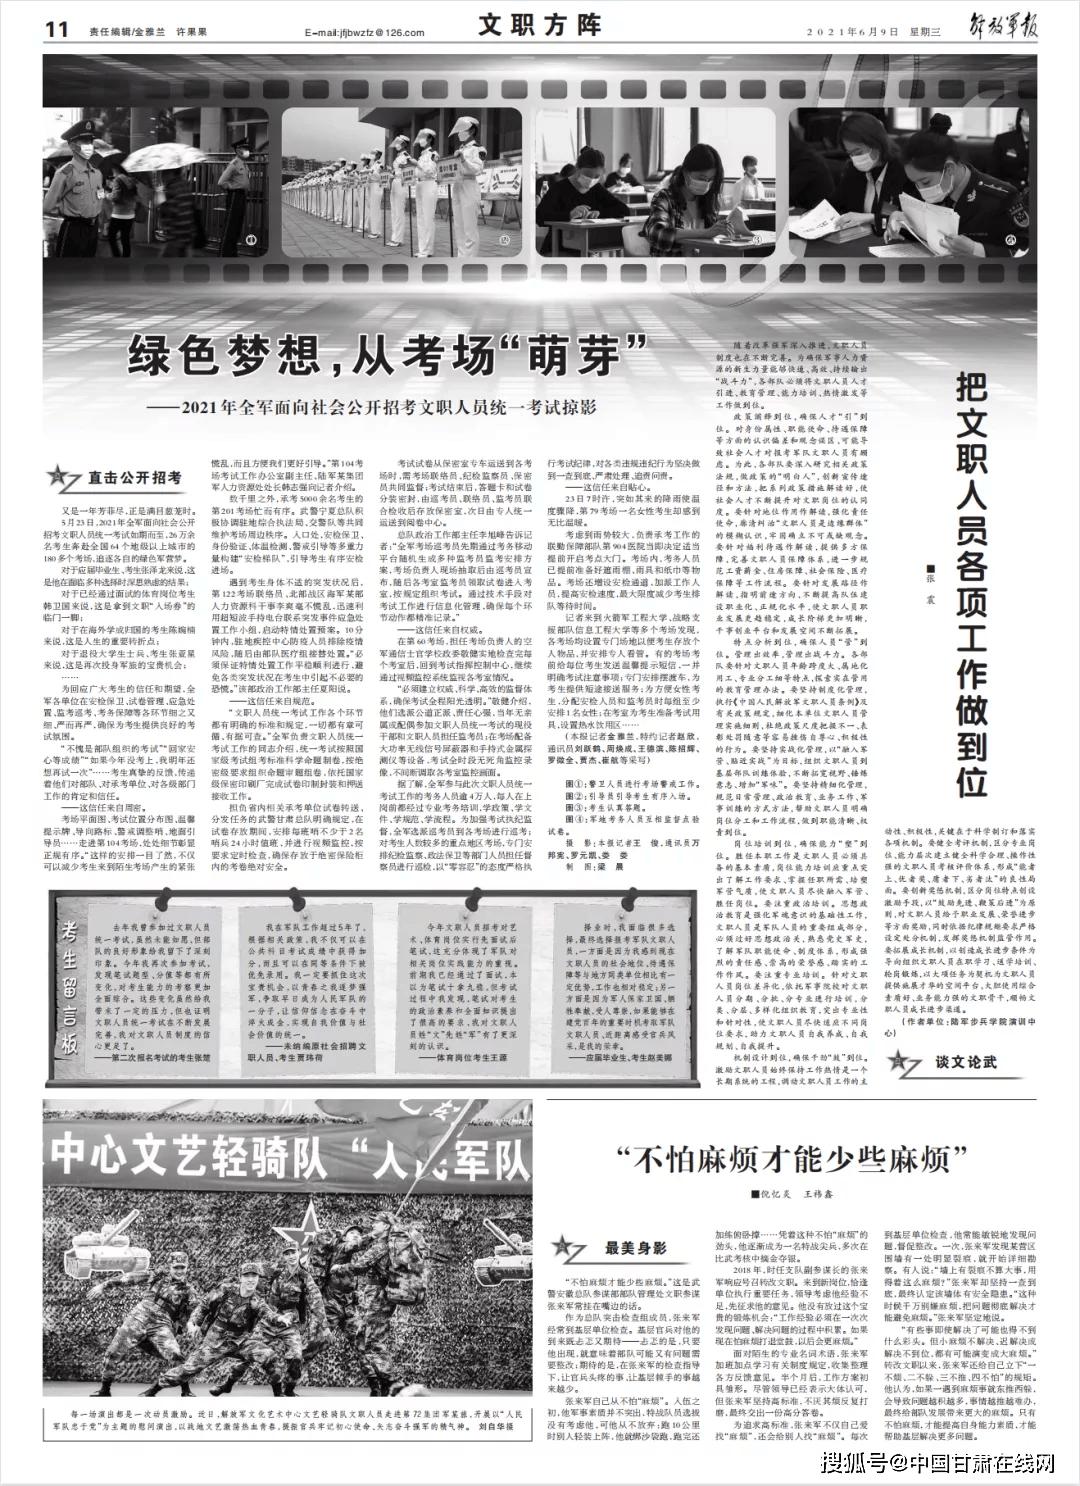 """媒体聚焦丨6月9日解放军报:绿色梦想,从考场""""萌芽"""""""